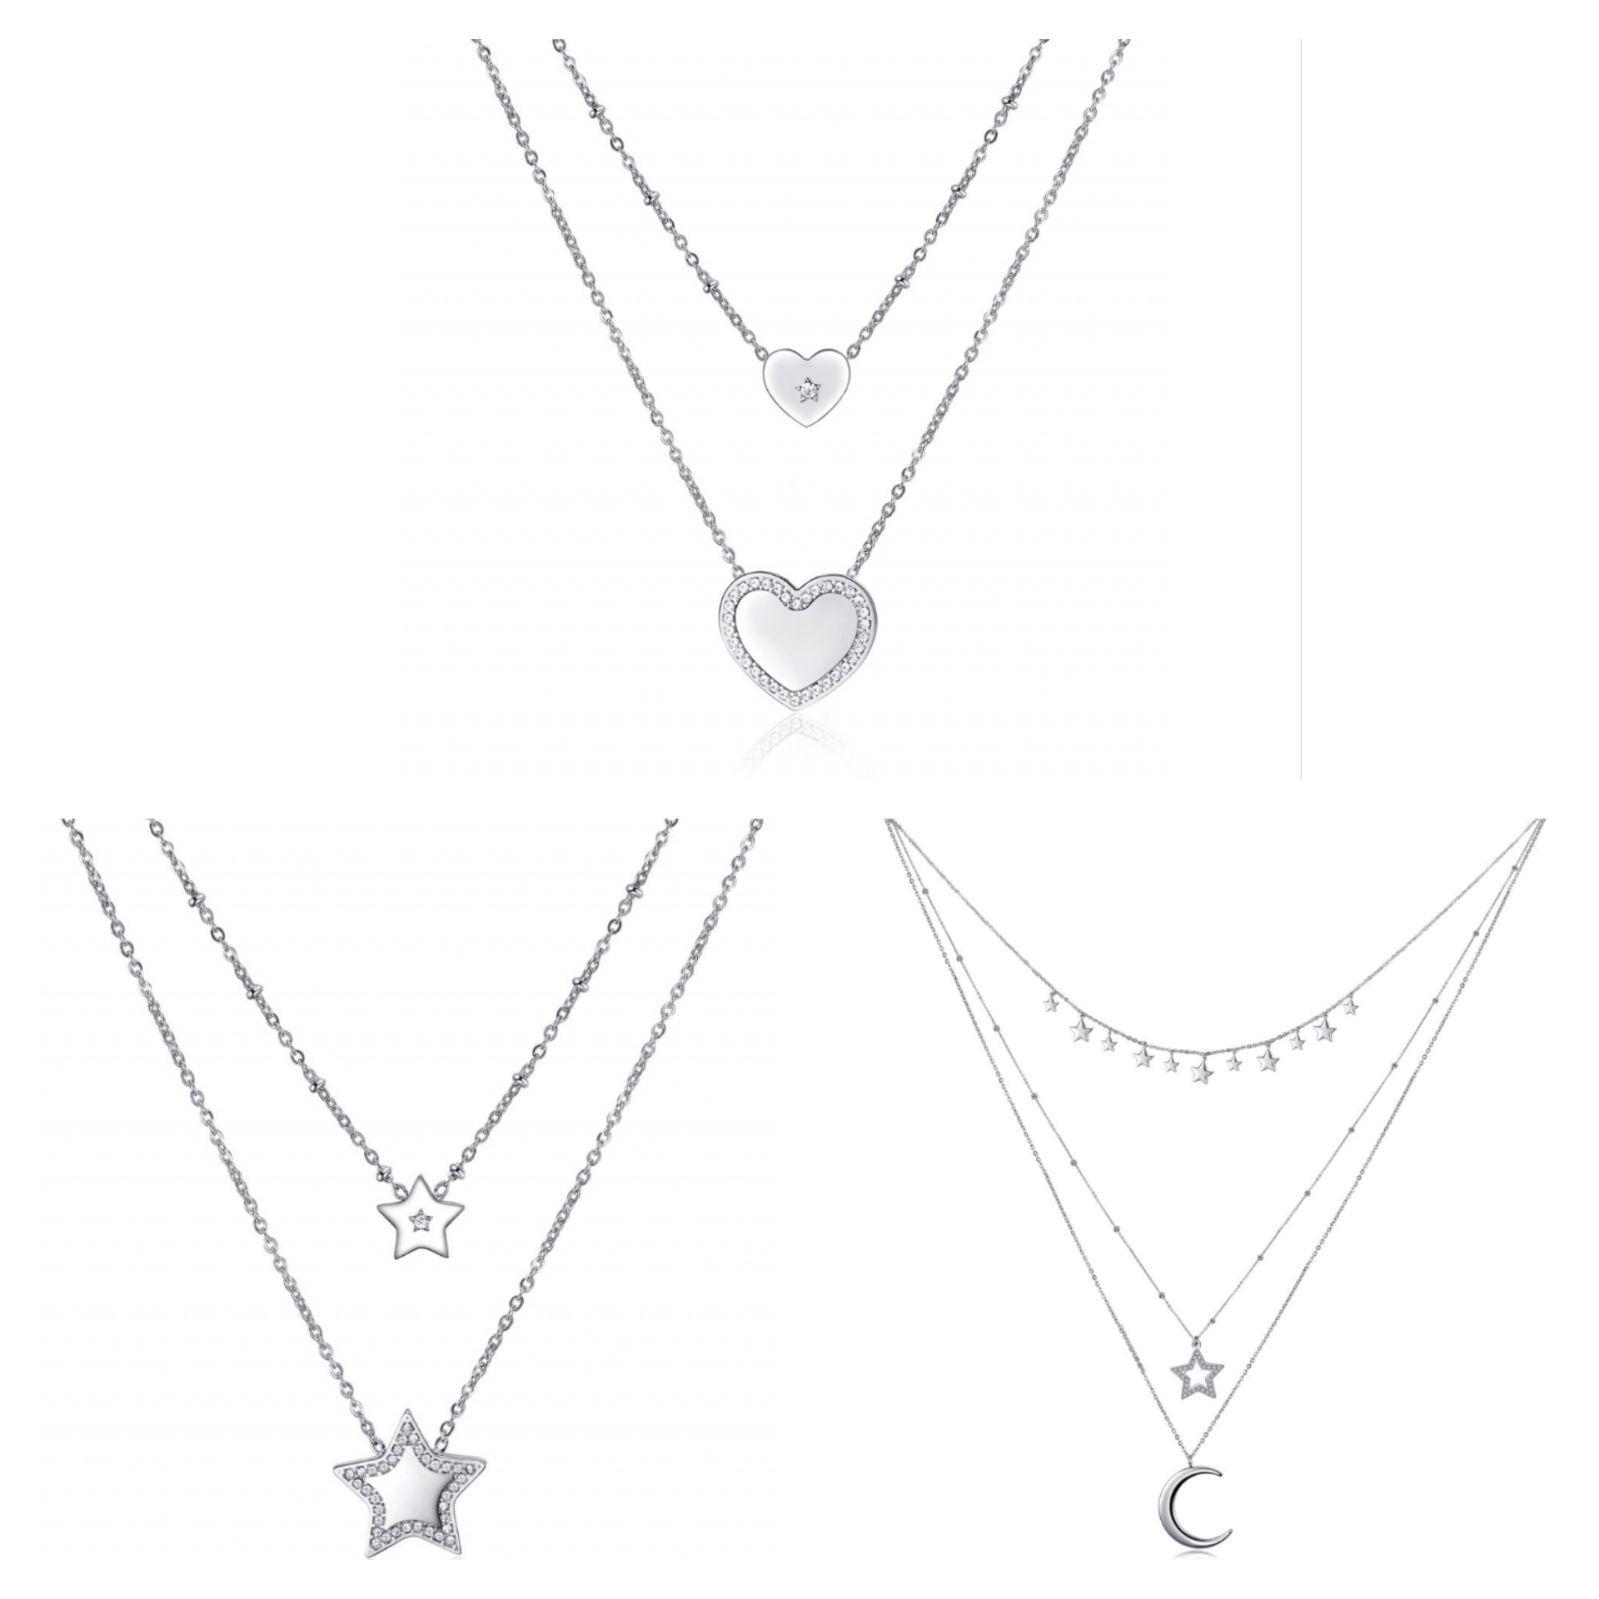 4d6f8d2311350f Collane Sagapò. Scegli il tuo modello per San Valentino. #collana #heart #